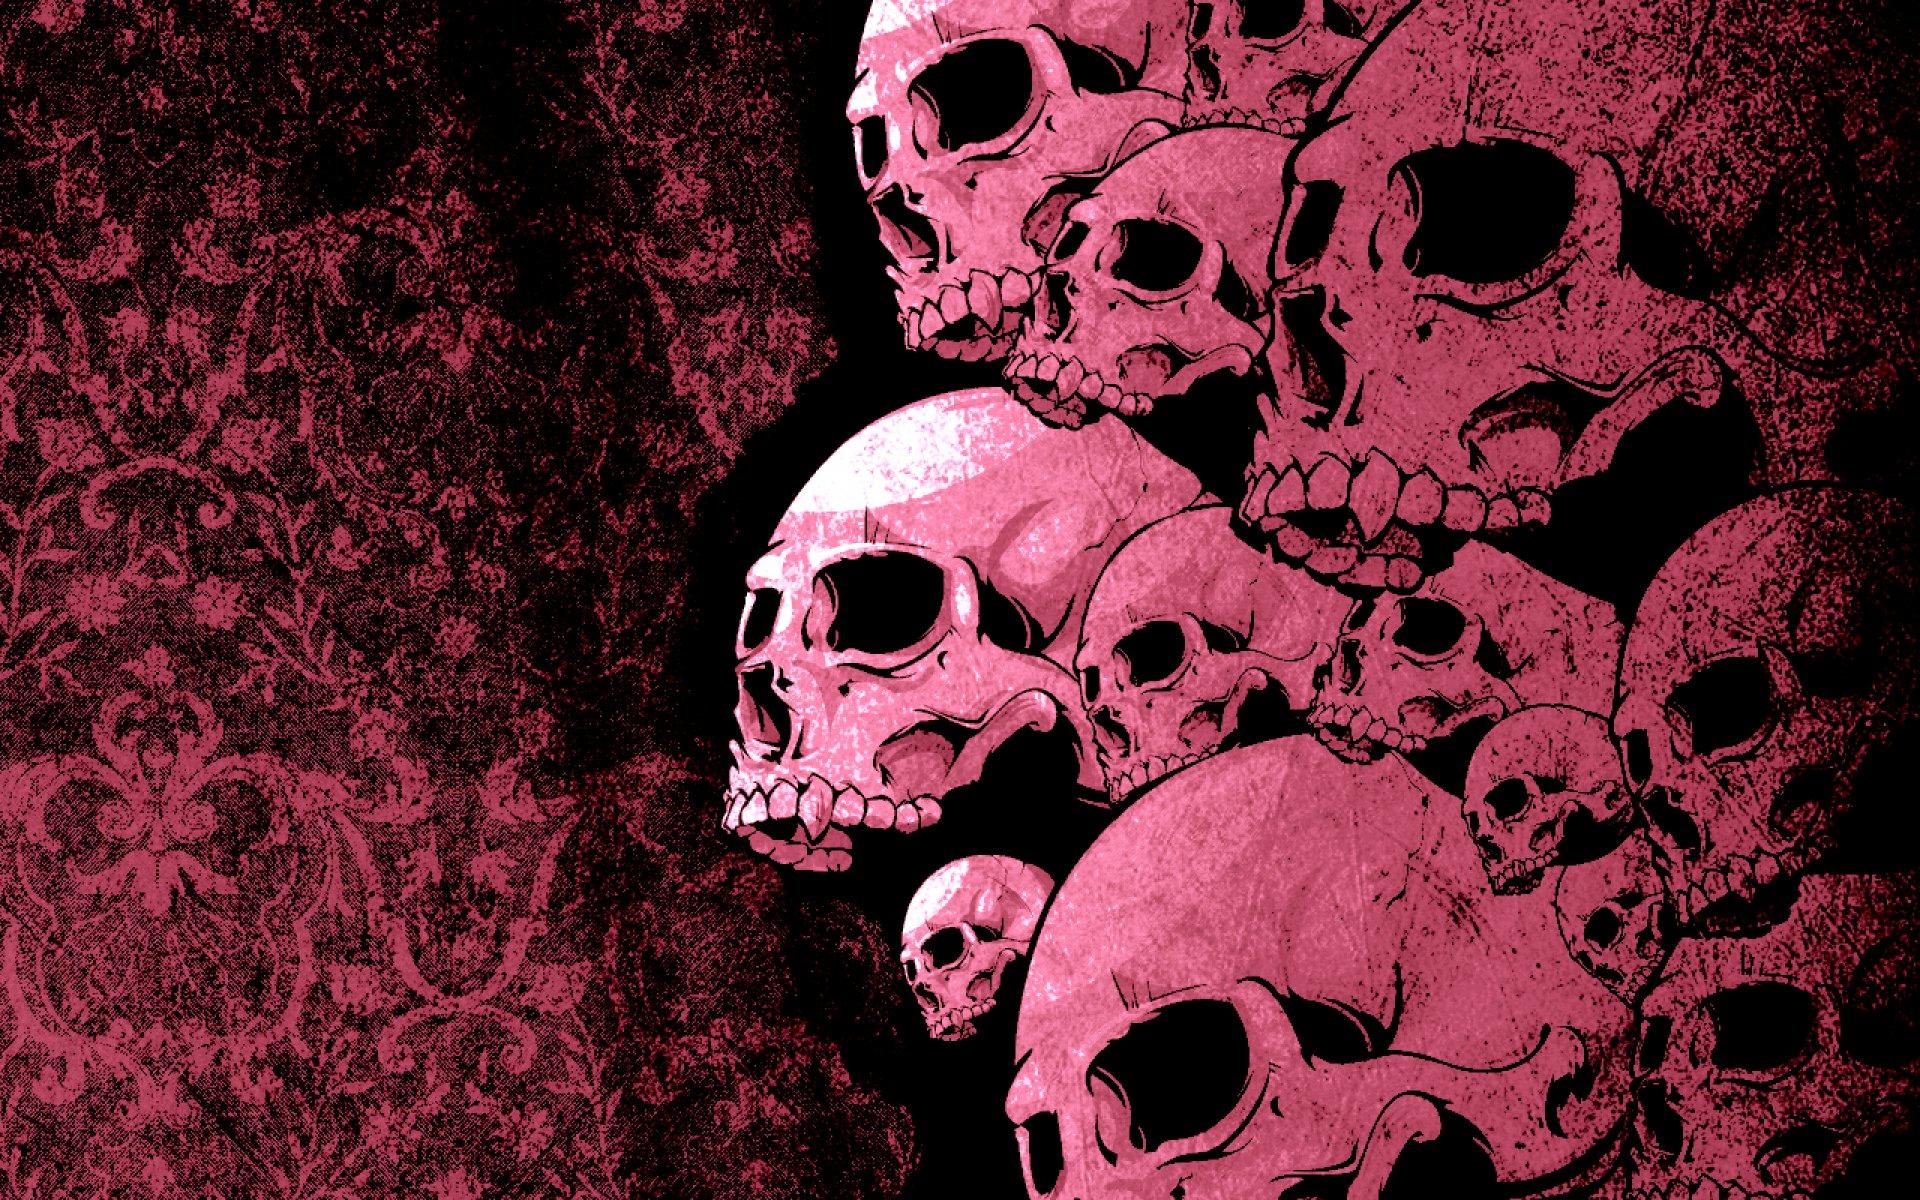 подписан мой картинки с скелетами для рабочего стола побывала